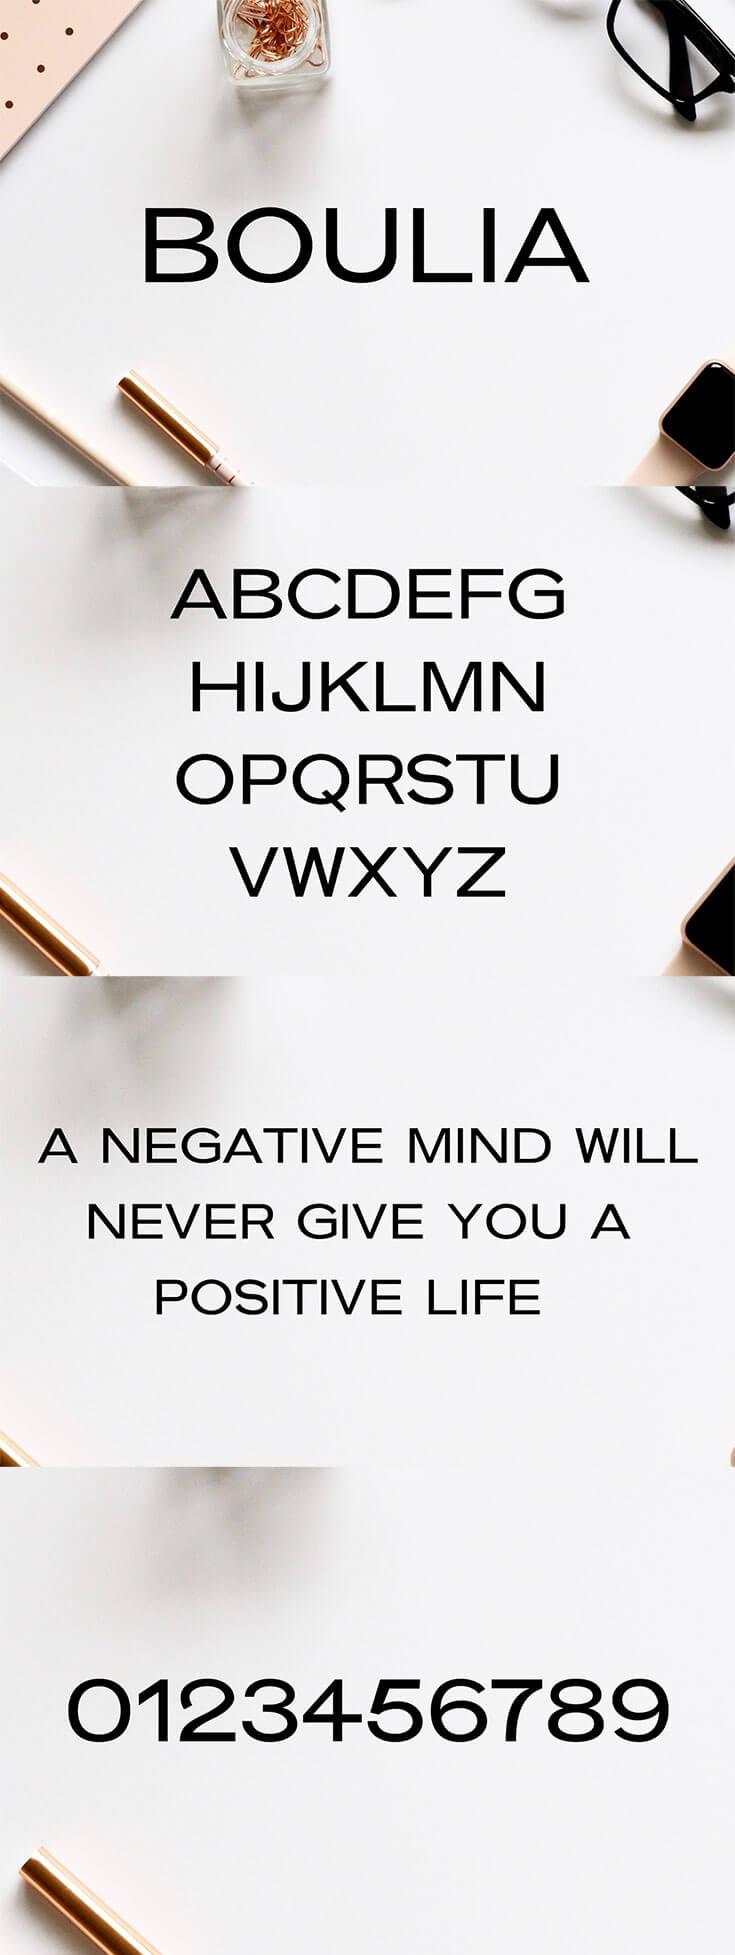 Free Boulia Sans Serif Font